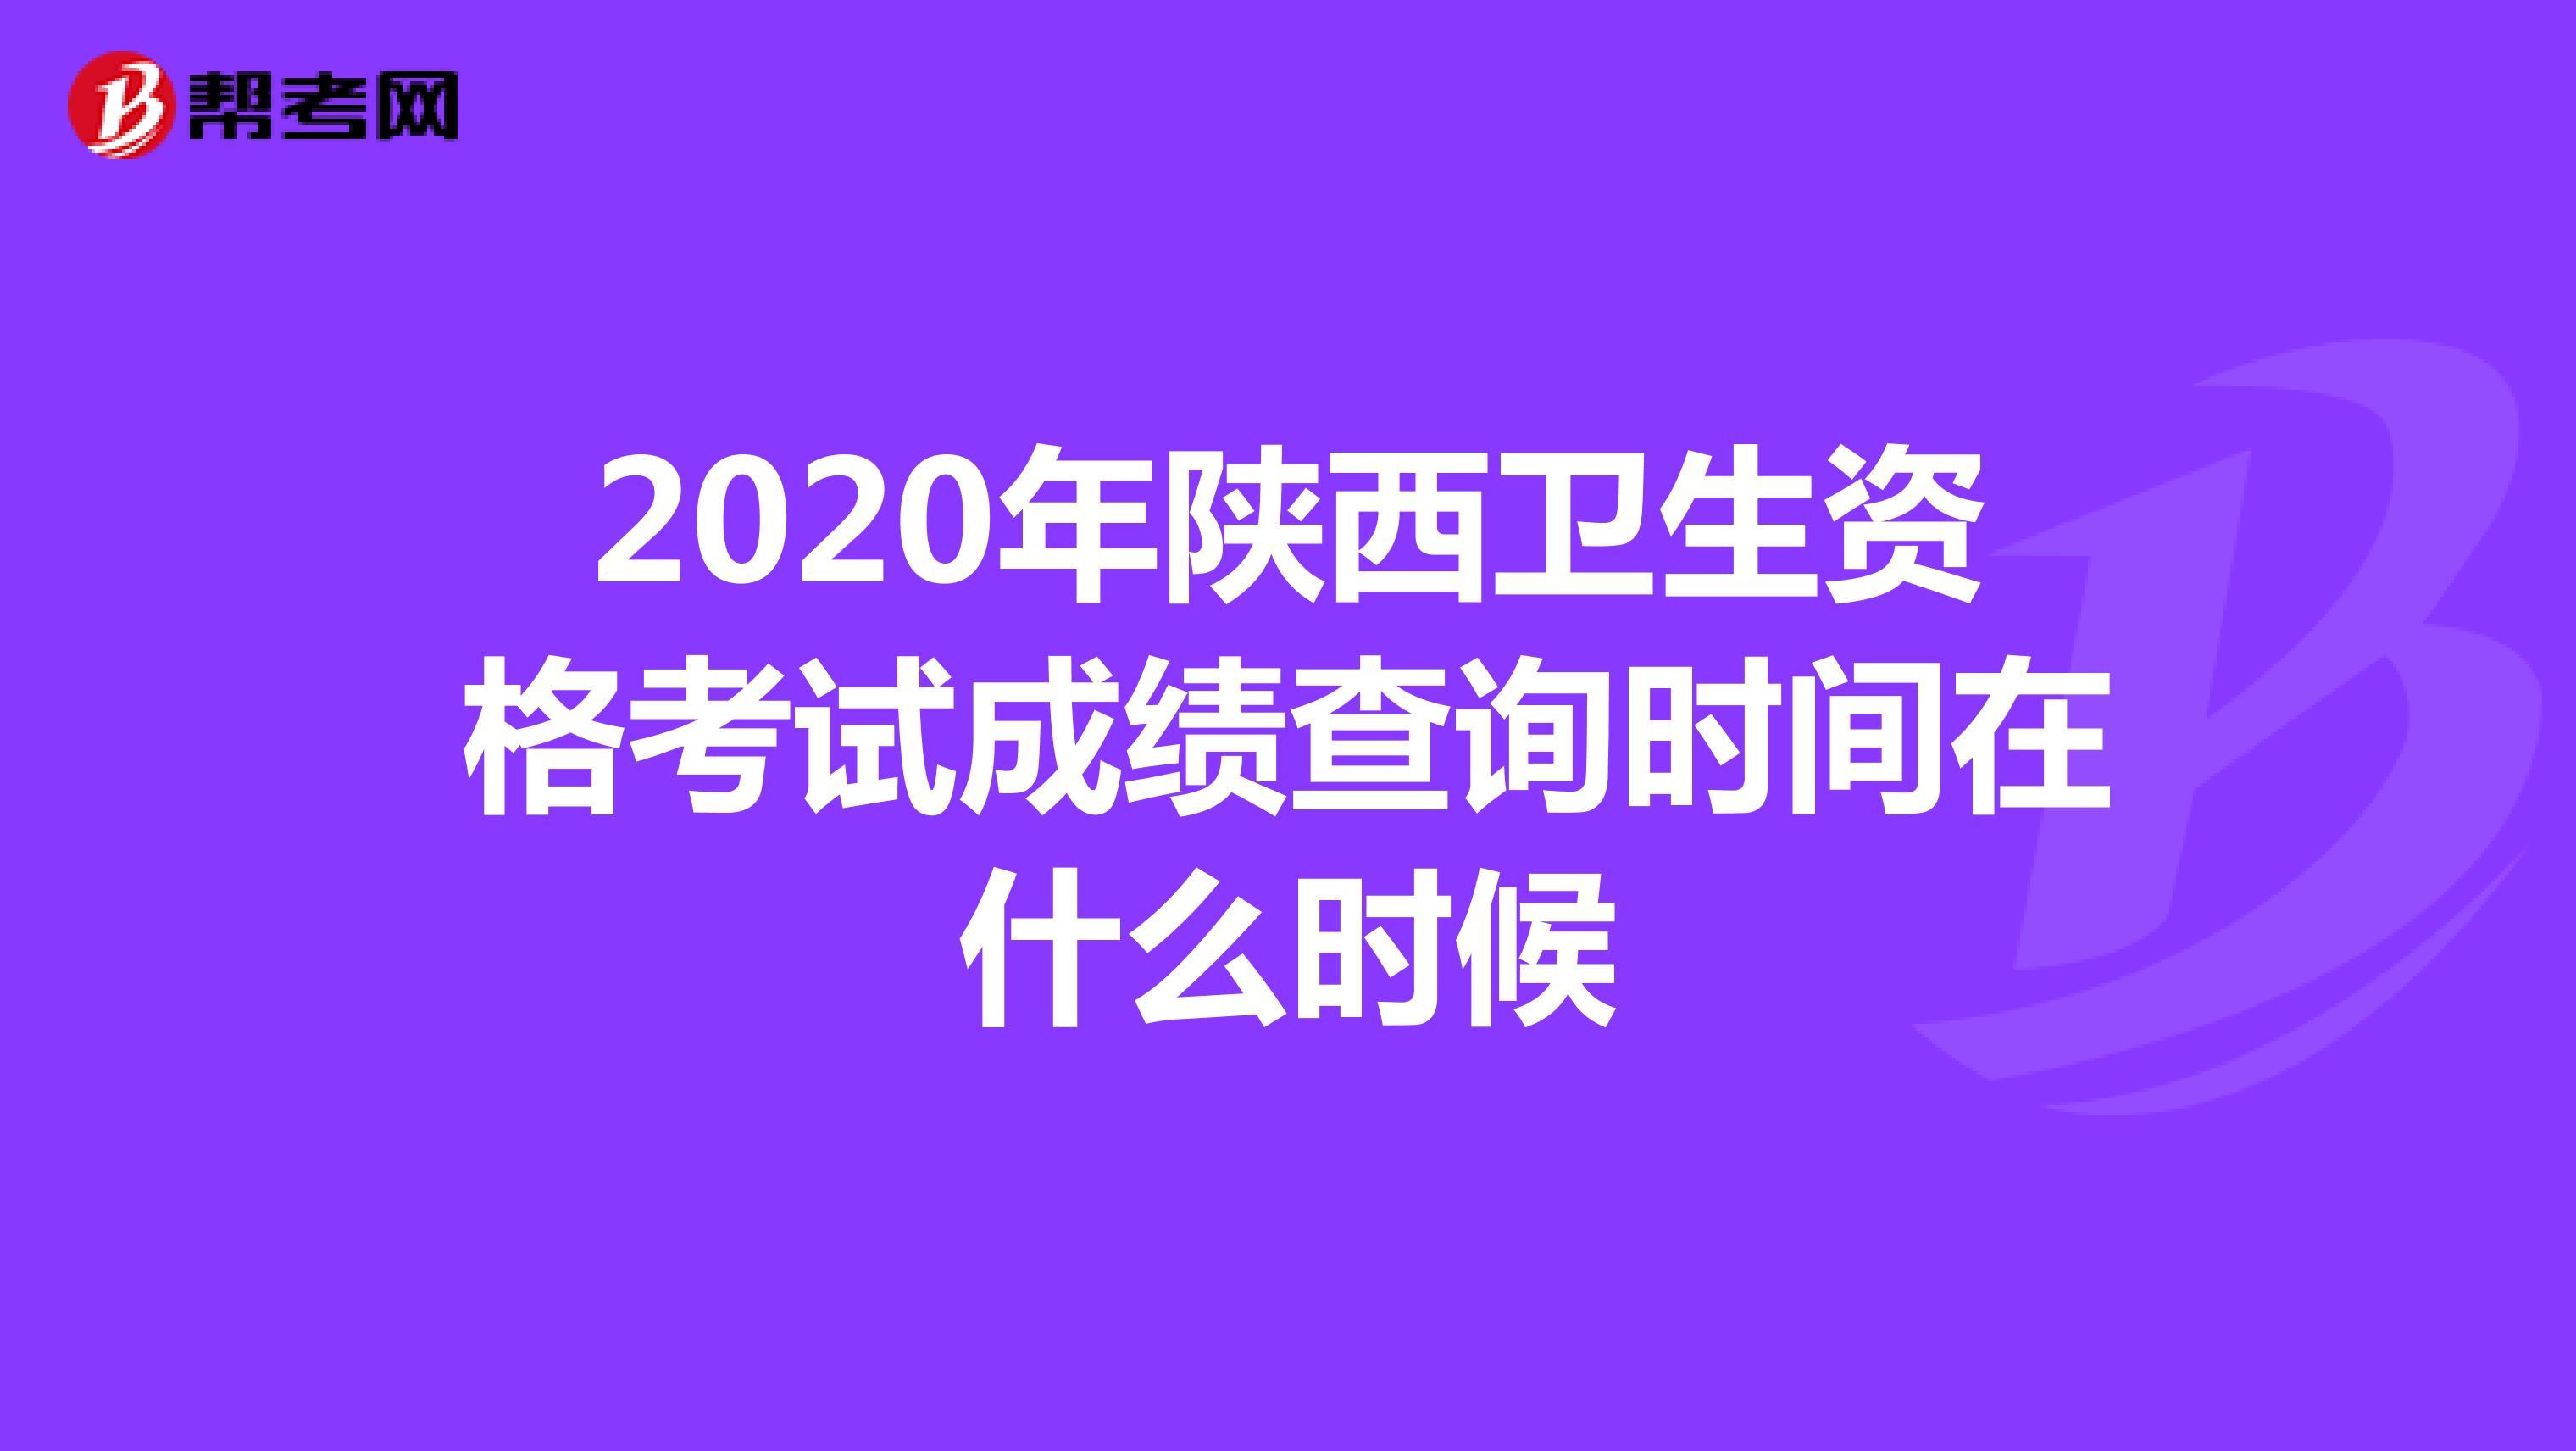 2020年陕西卫生资格考试成绩查询时间在什么时候